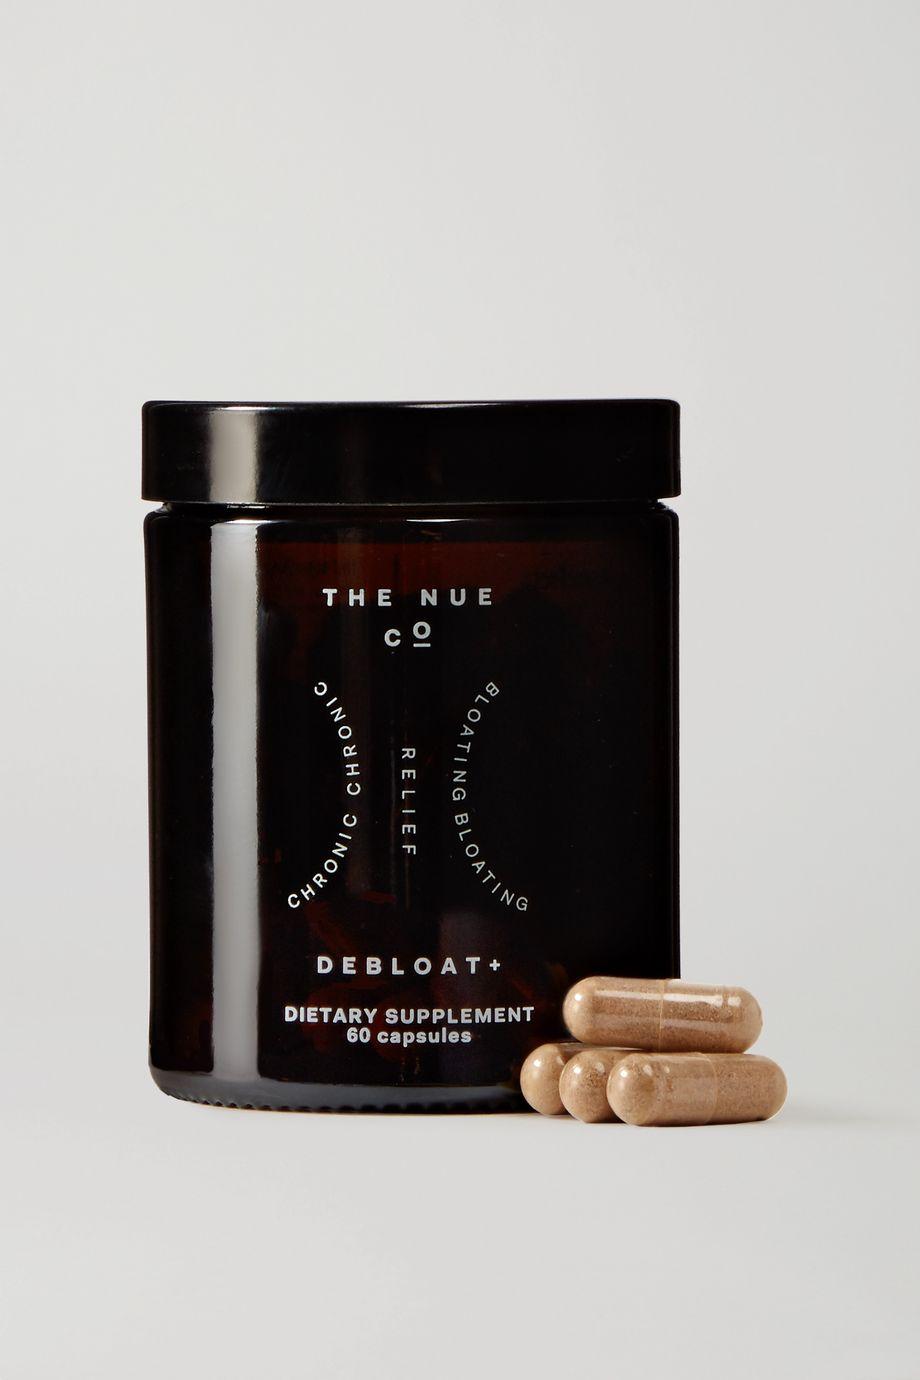 The Nue Co. Debloat + (60 capsules)